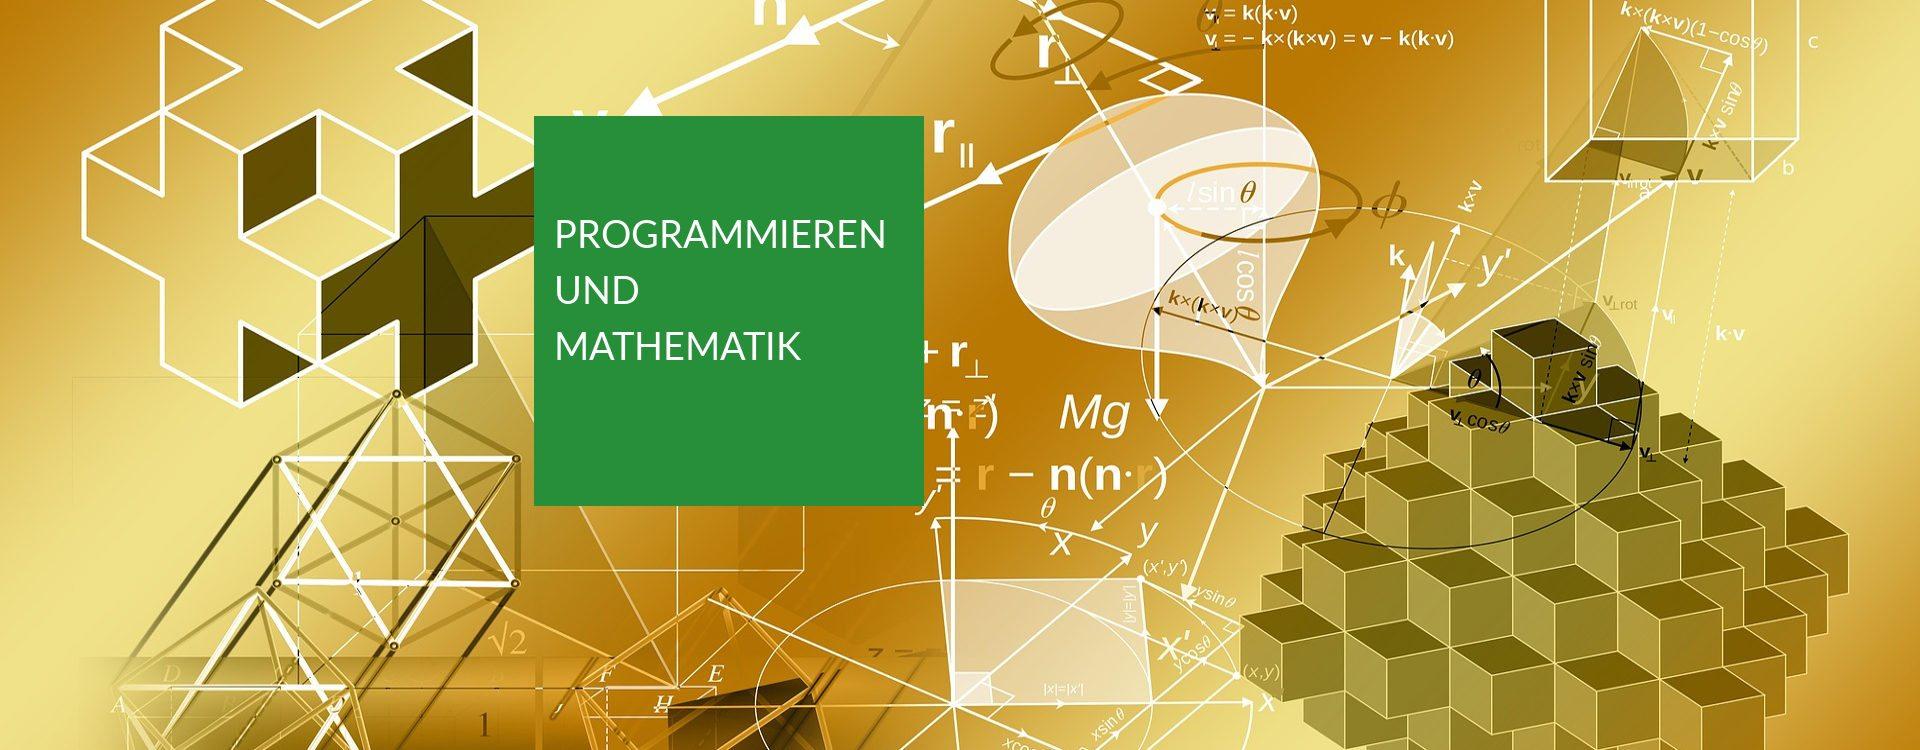 Programmieren und Mathematik